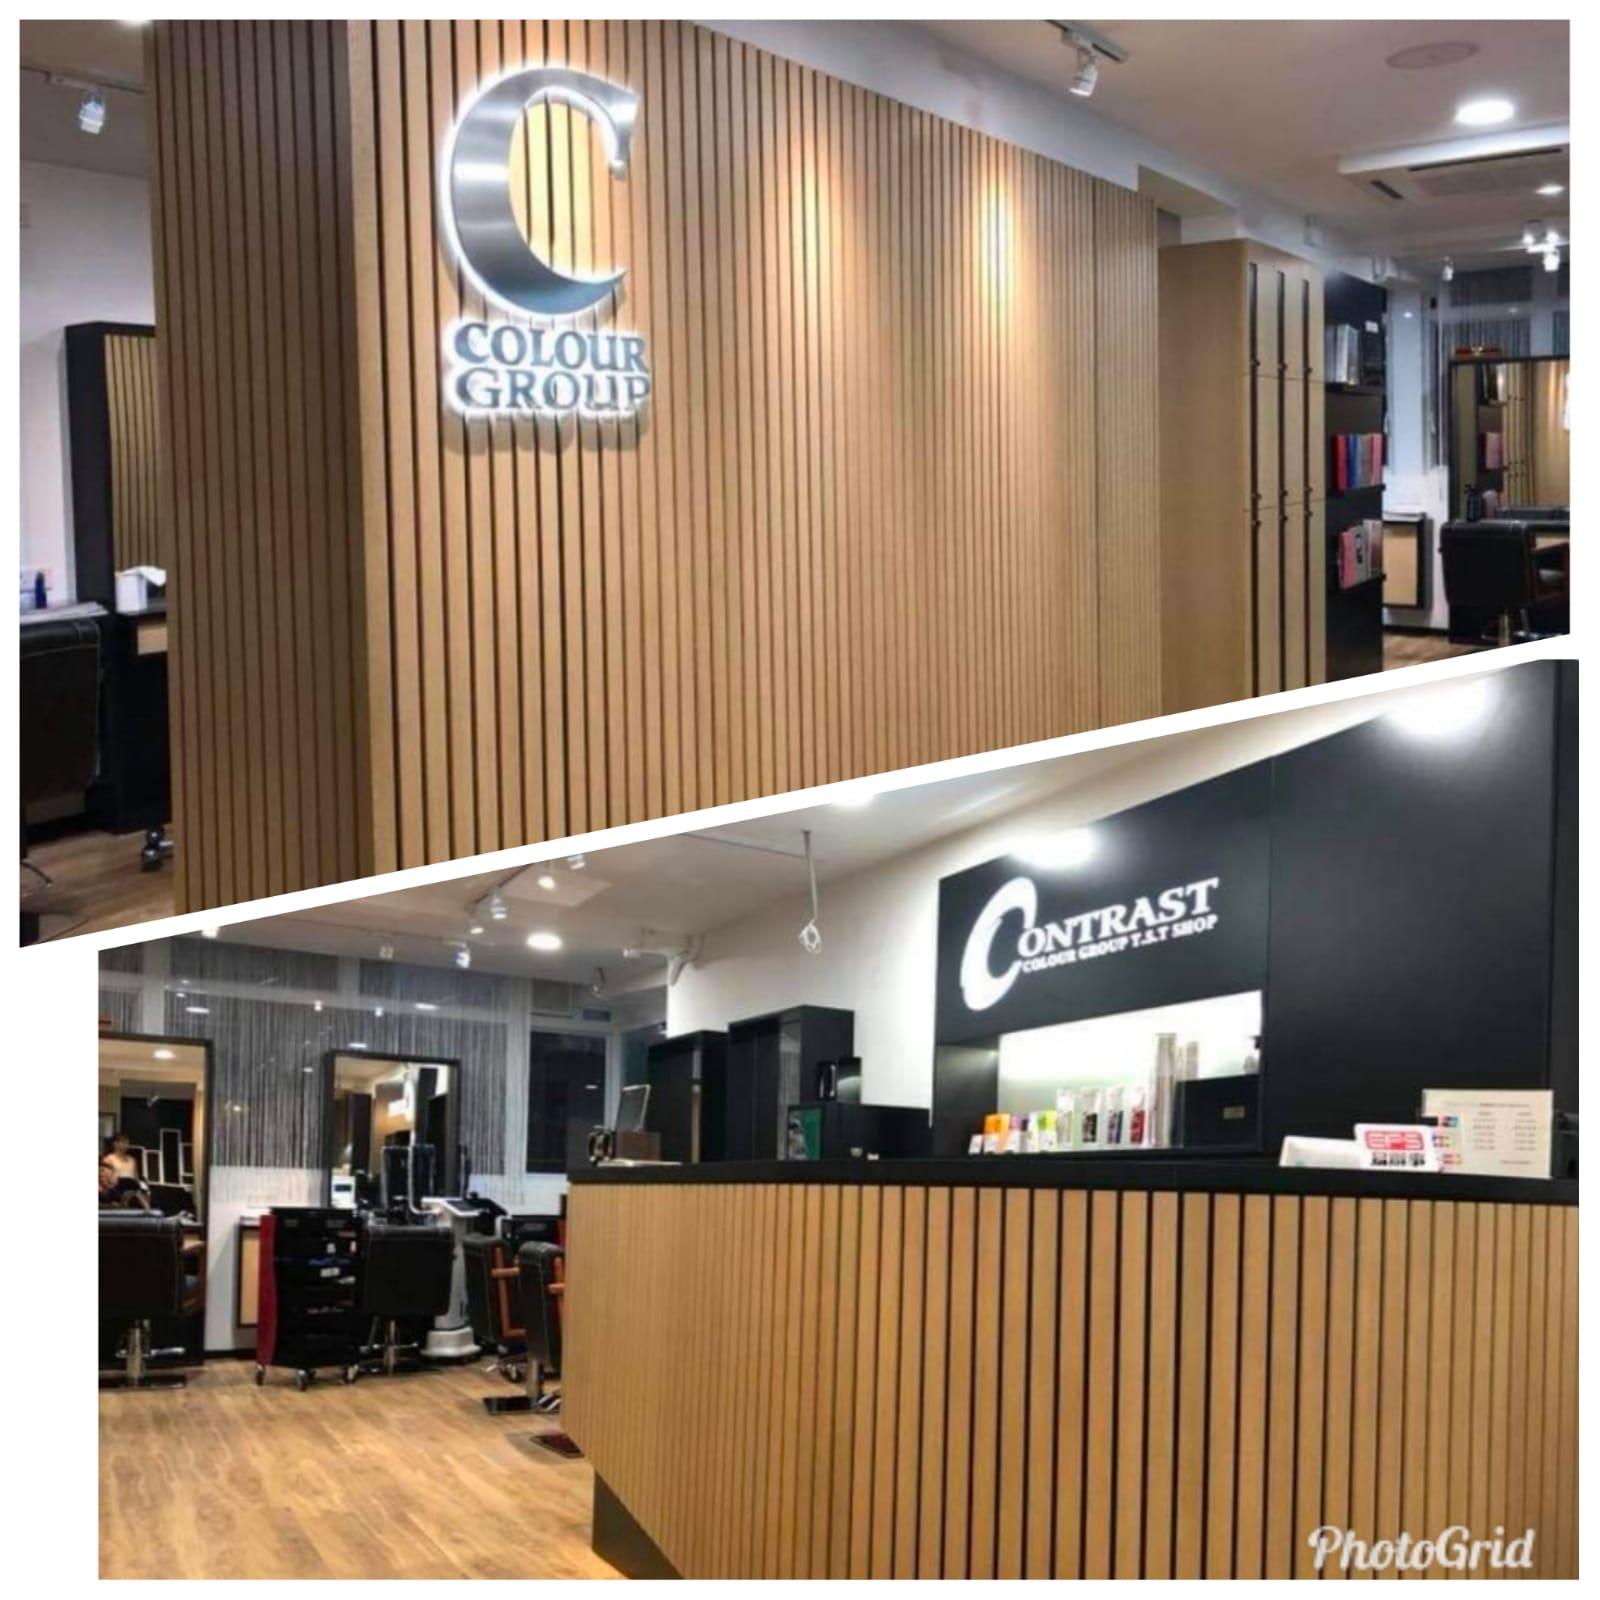 Colour Group Hair Salon - Contrast Salon (尖沙咀)